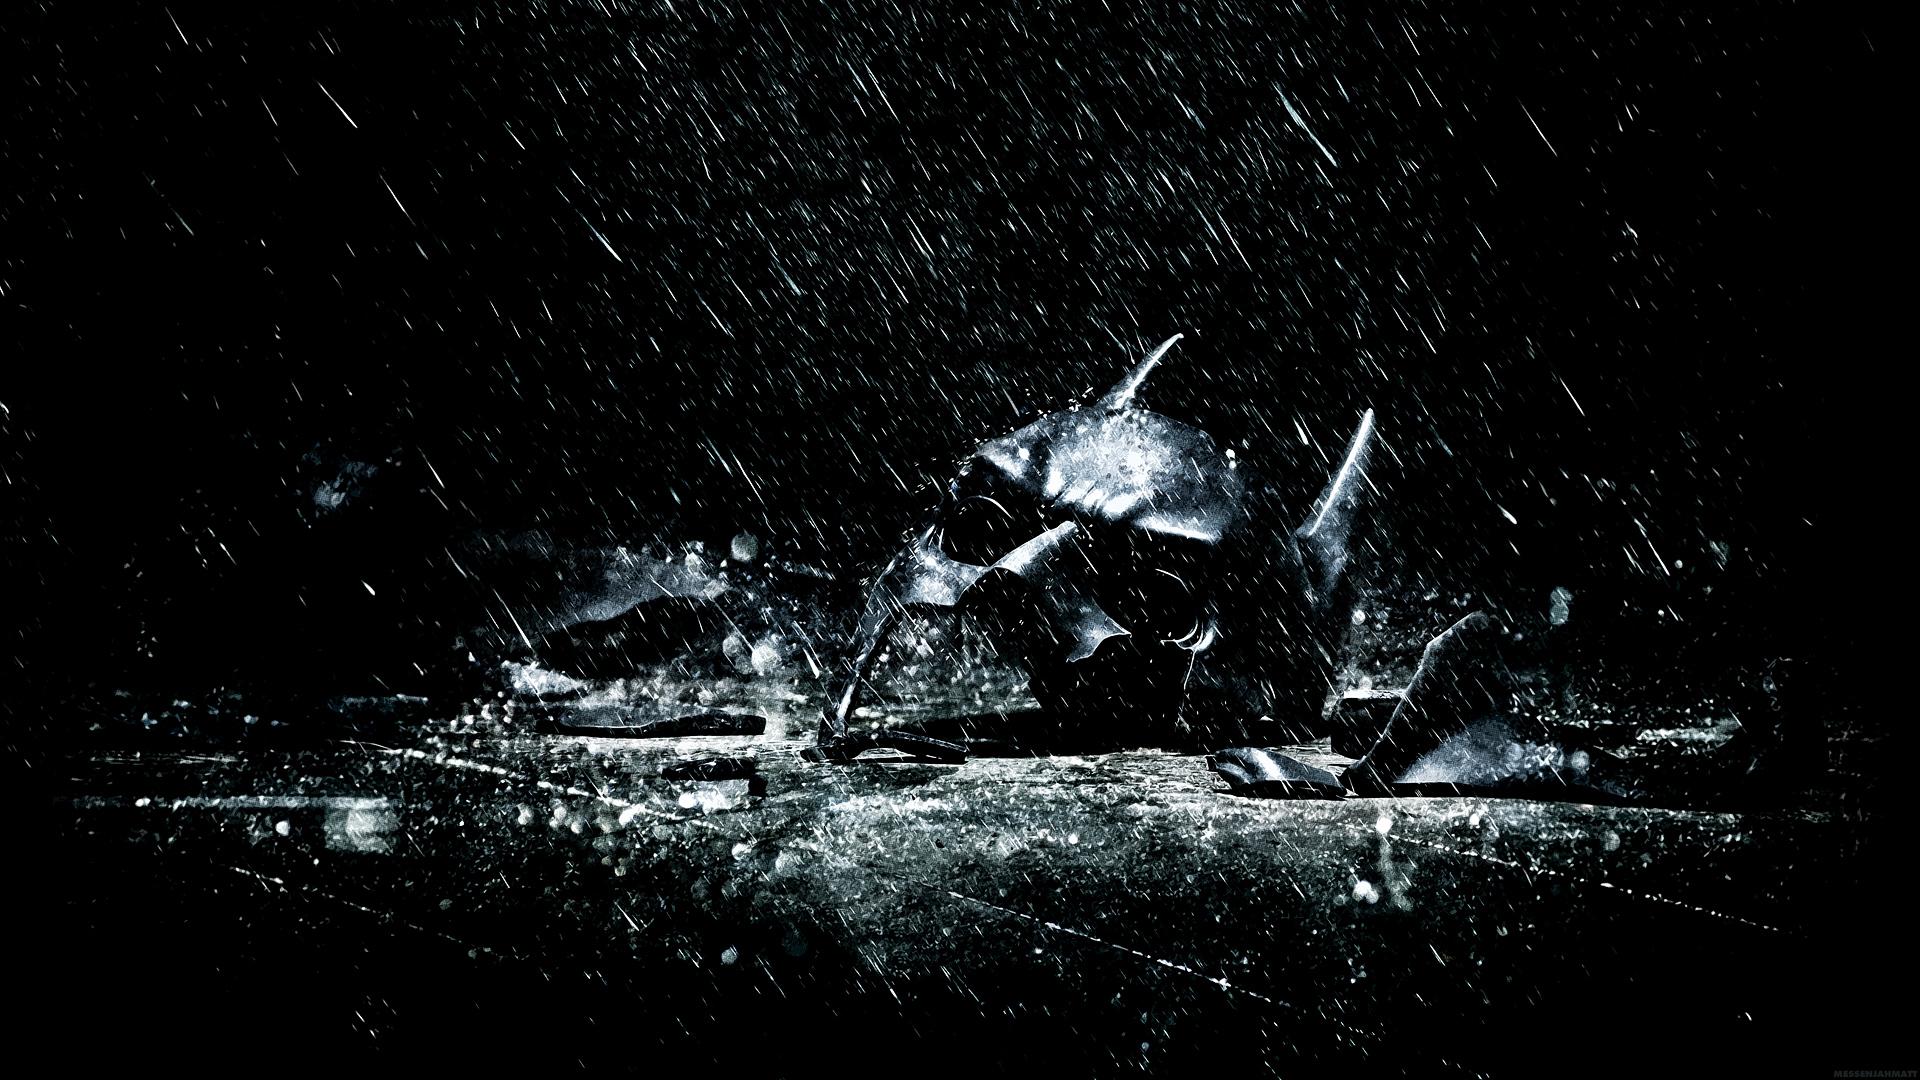 The Dark Knight Rises Wallpaper Hd 1920x1080 Wallpapersafari